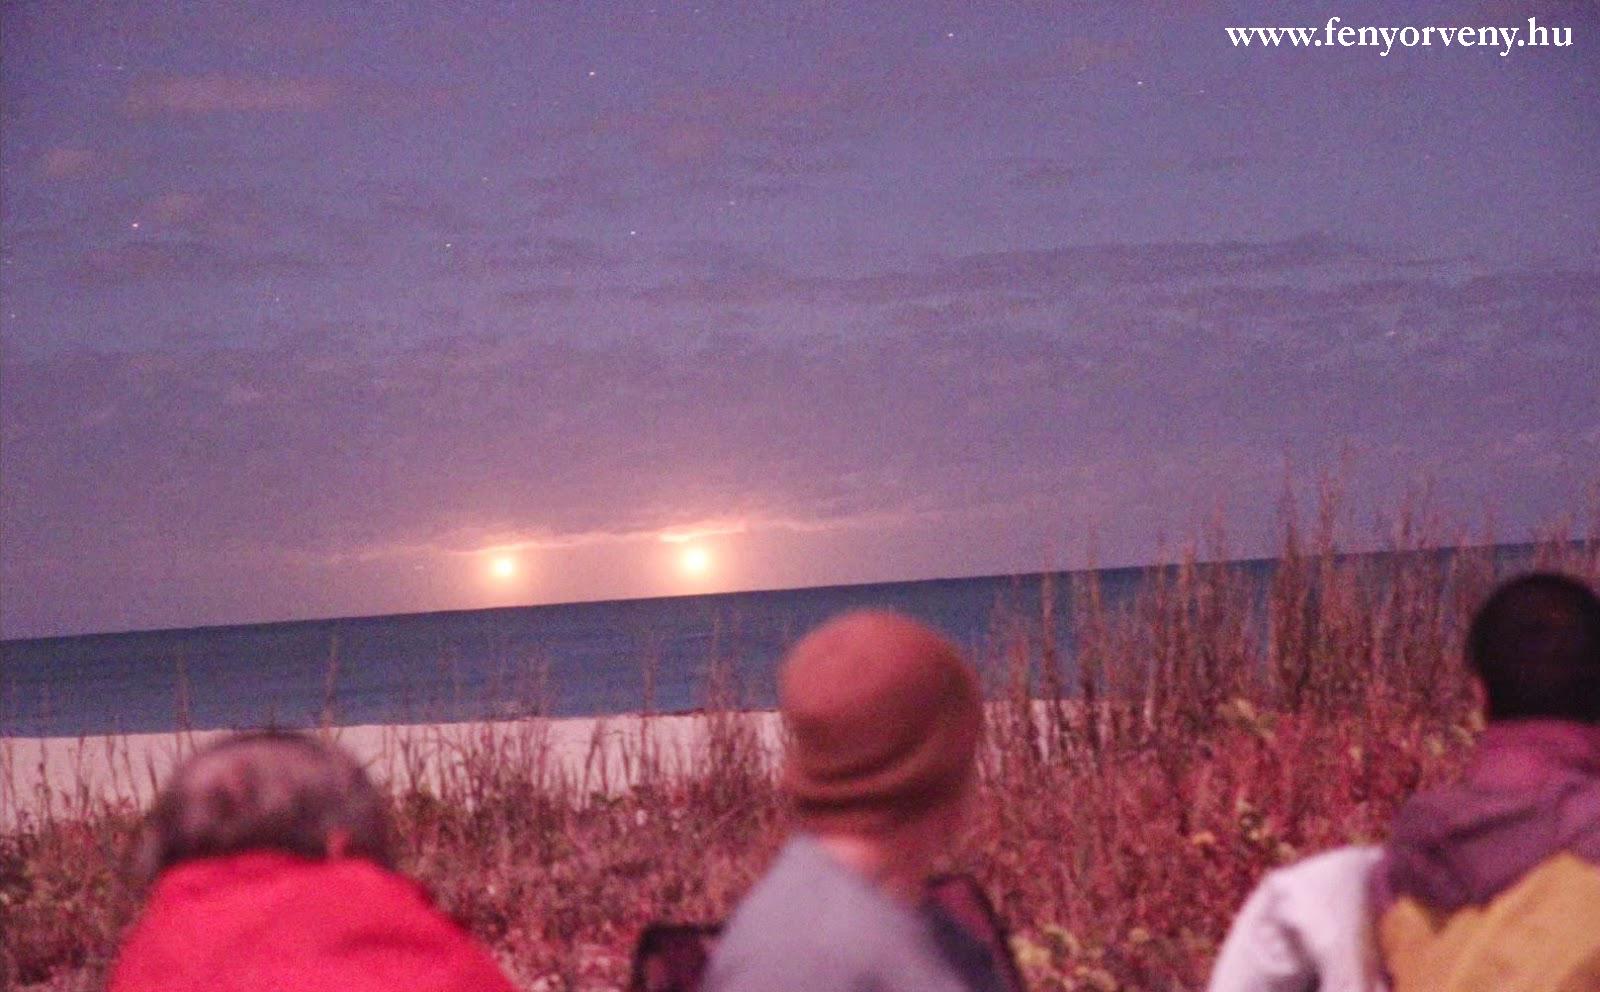 Aranyszínű fényhajók Florida egén - VIDEÓVAL ÉS KÉPEKKEL!